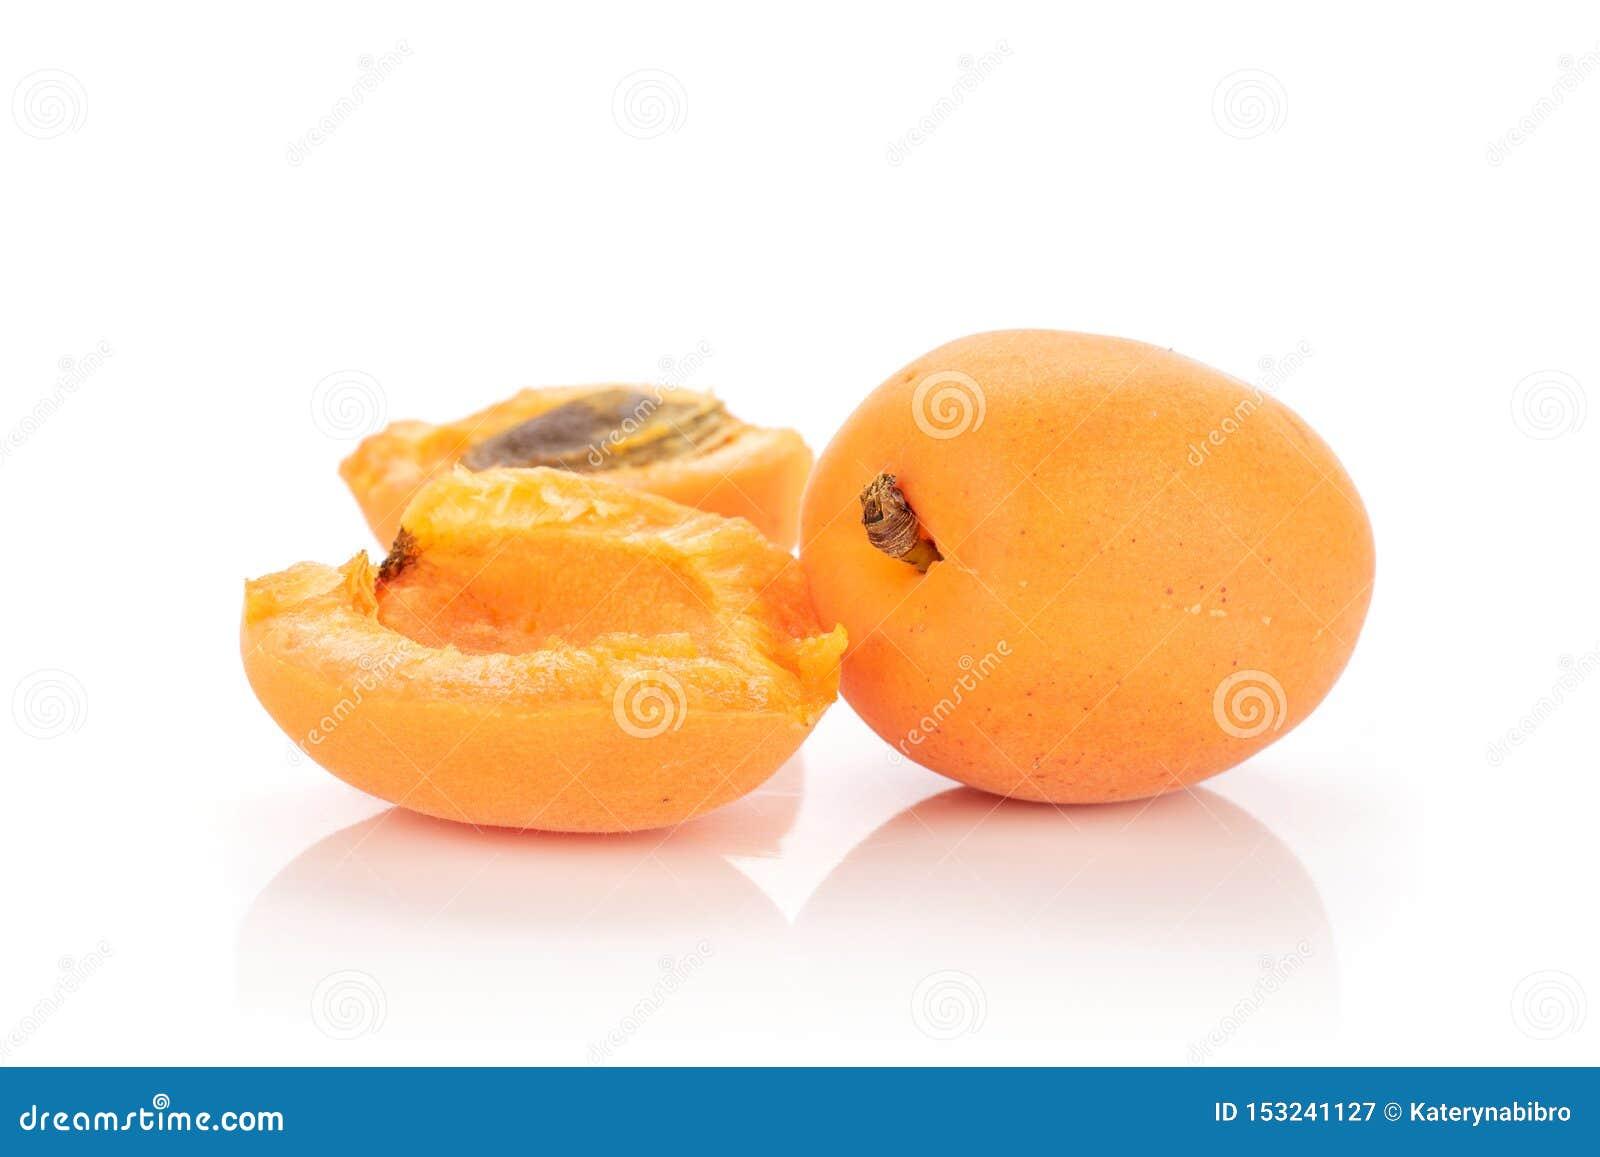 Fresh orange apricot isolated on white